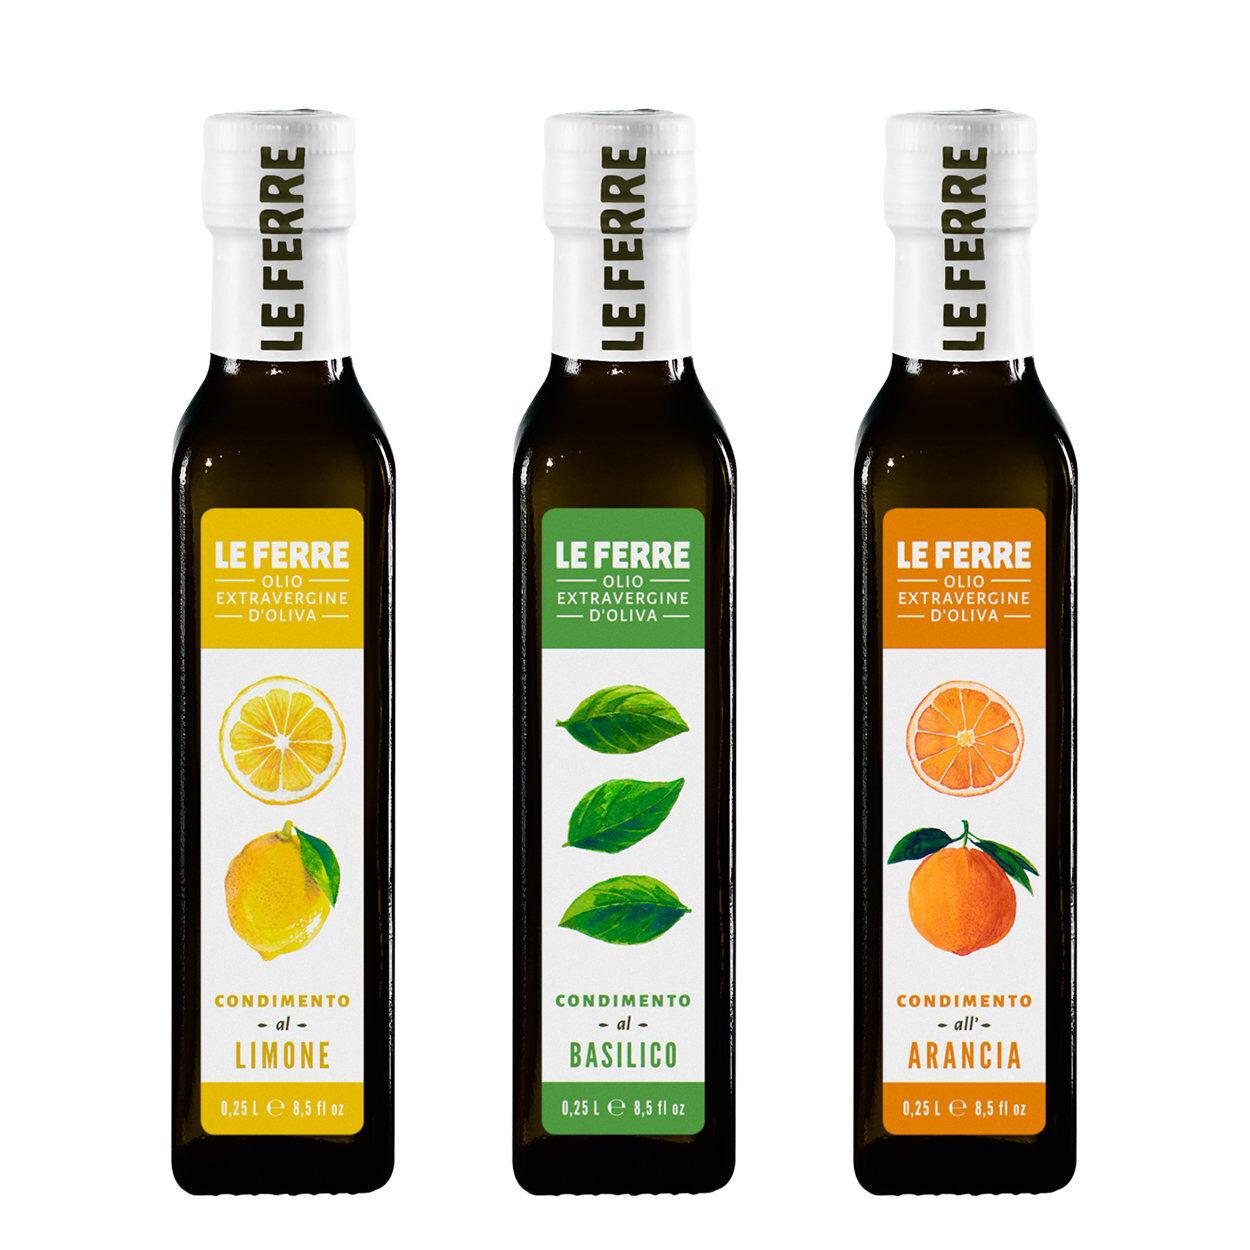 Le Ferre 3 bottiglie - Condimento aromatizzato 0,25 lt: Limone - Basilico - Arancia